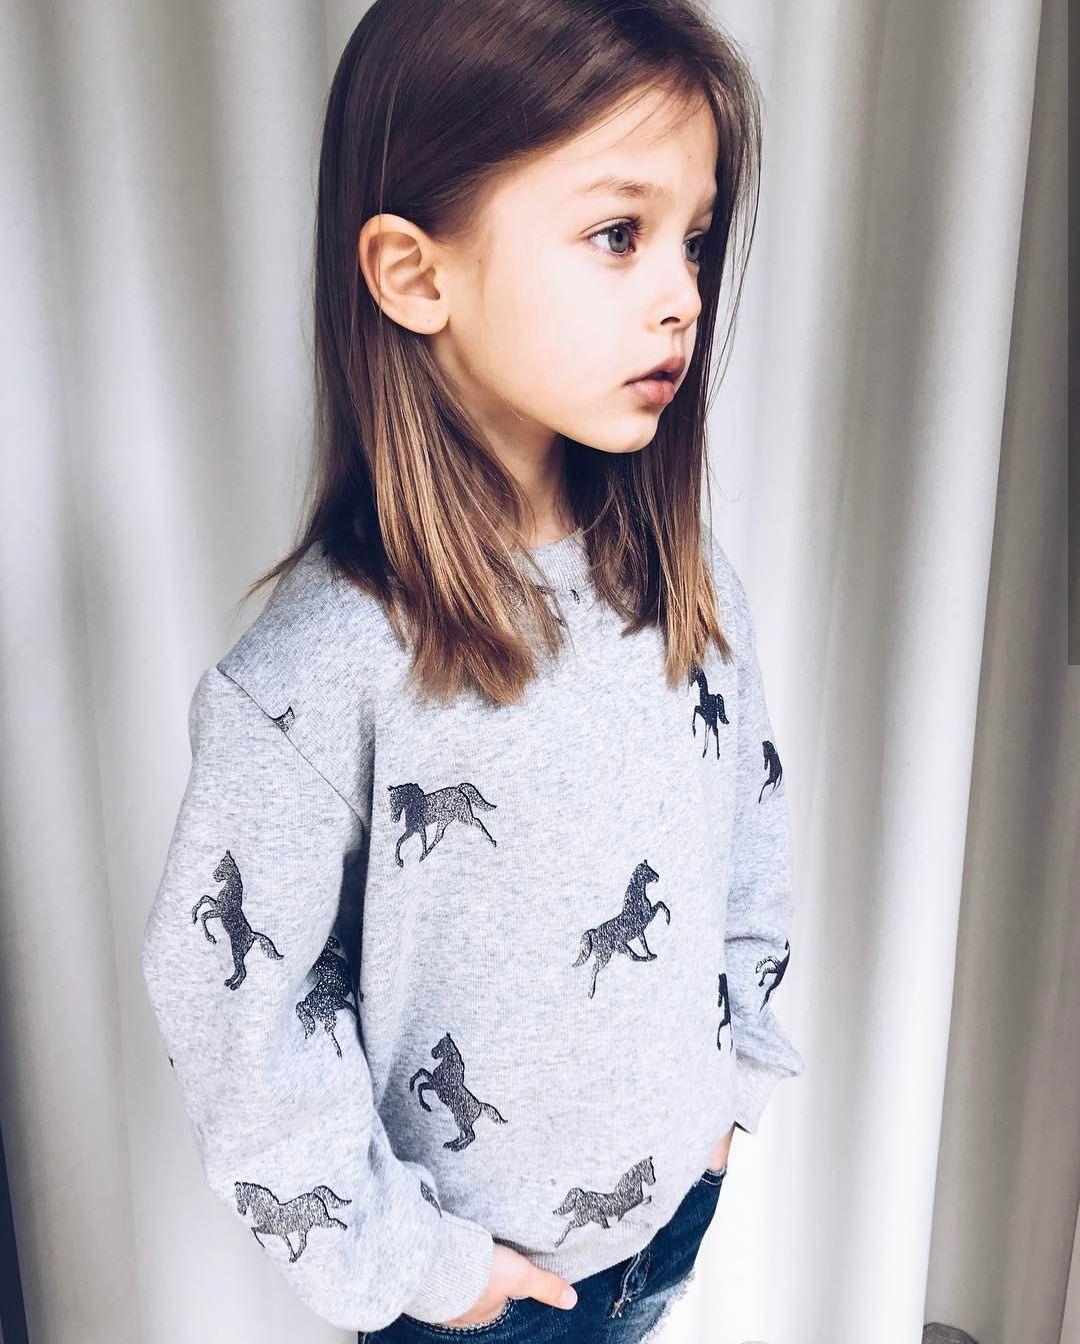 Anna Pavaga. https://www.instagram.com/annapavaga/?hl=es